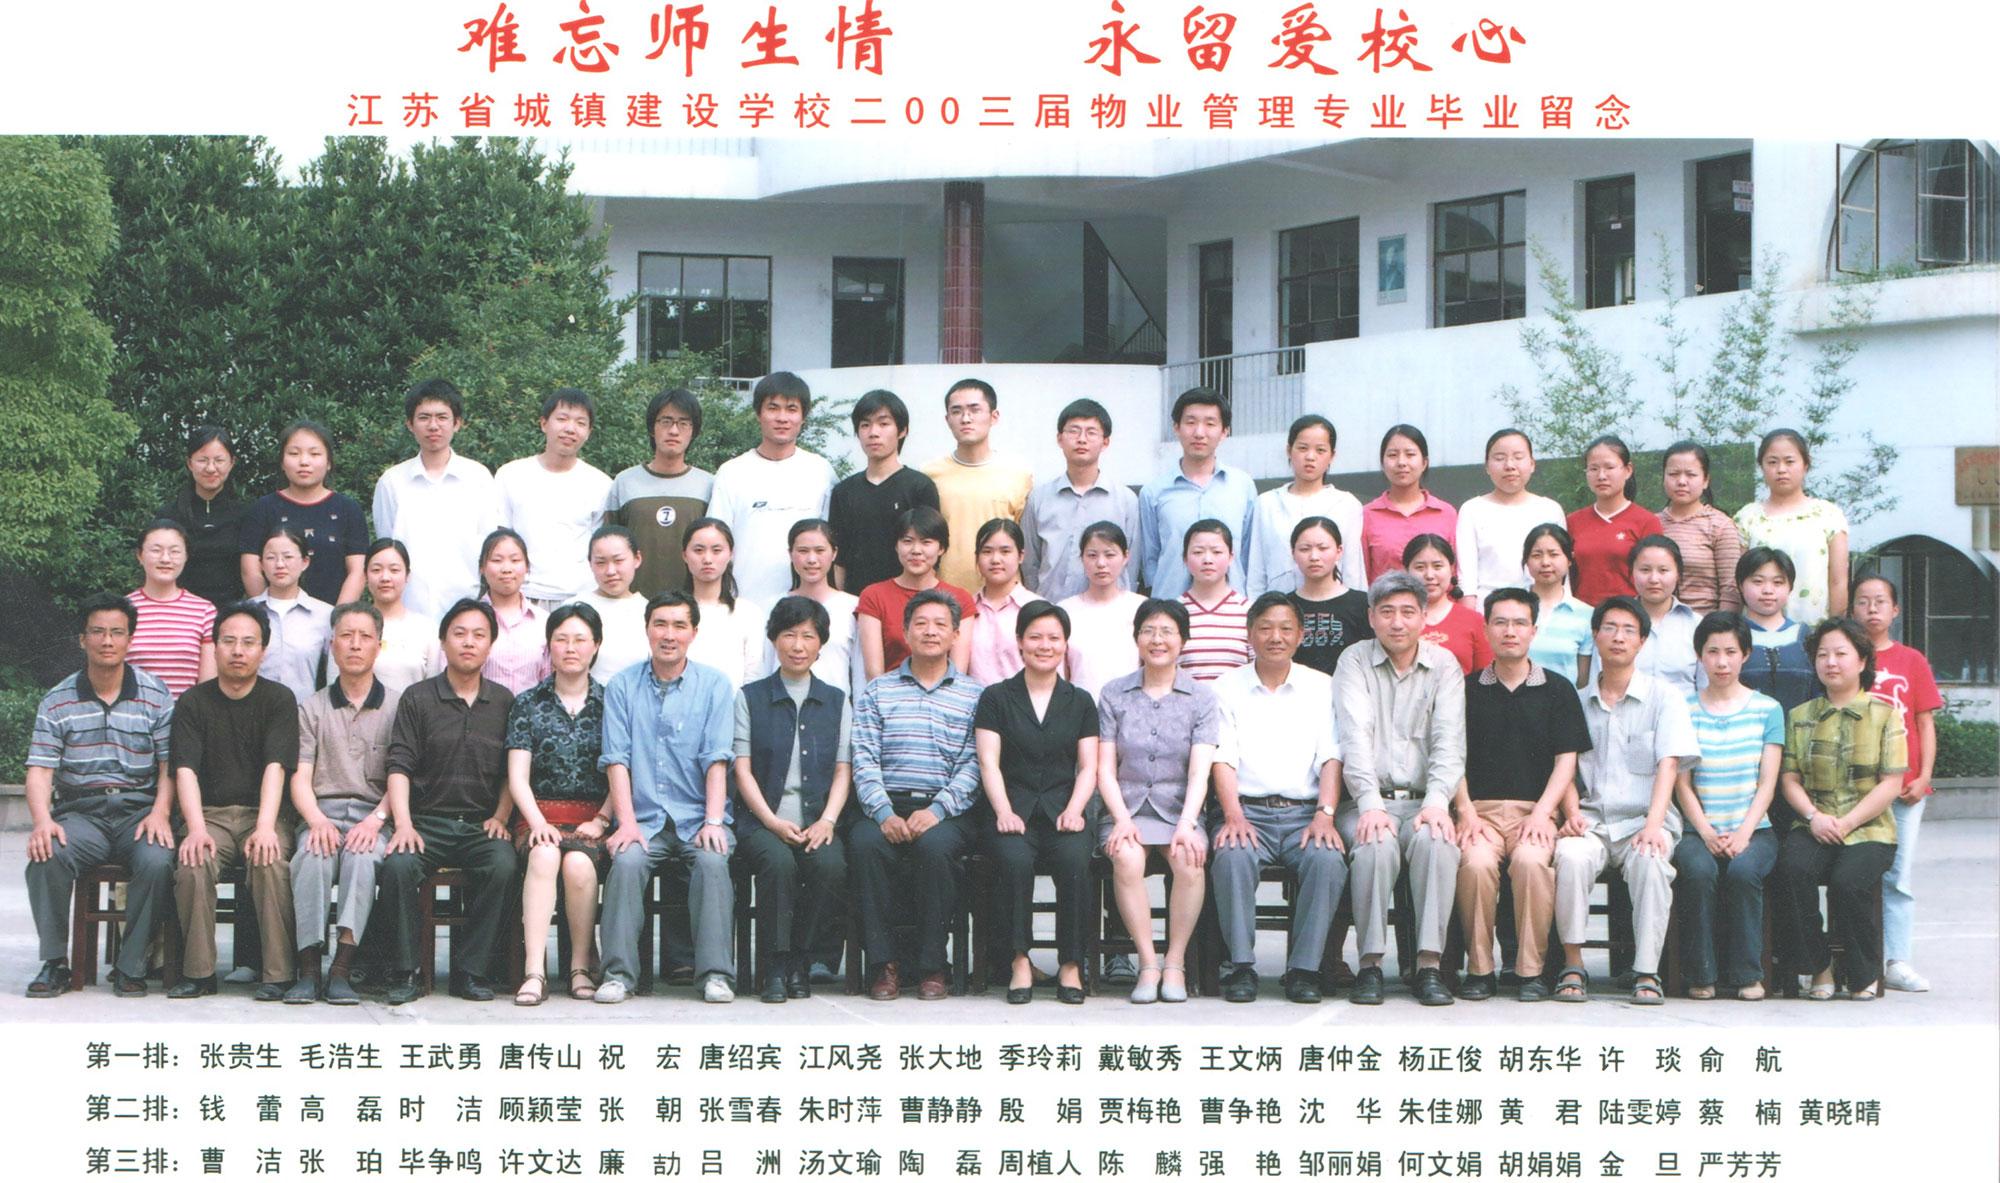 2003届物业管理专业毕业留念